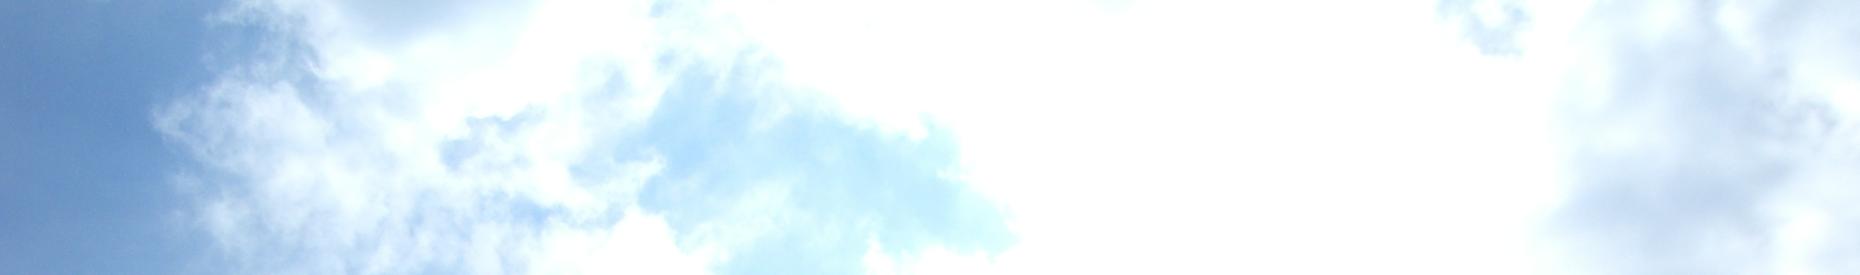 【声明】日本の約束草案の検討開始とEUの政策パッケージ決定に際して 日本は意欲的な削減目標案の早期決定を(2014年10月24日・気候ネットワーク)